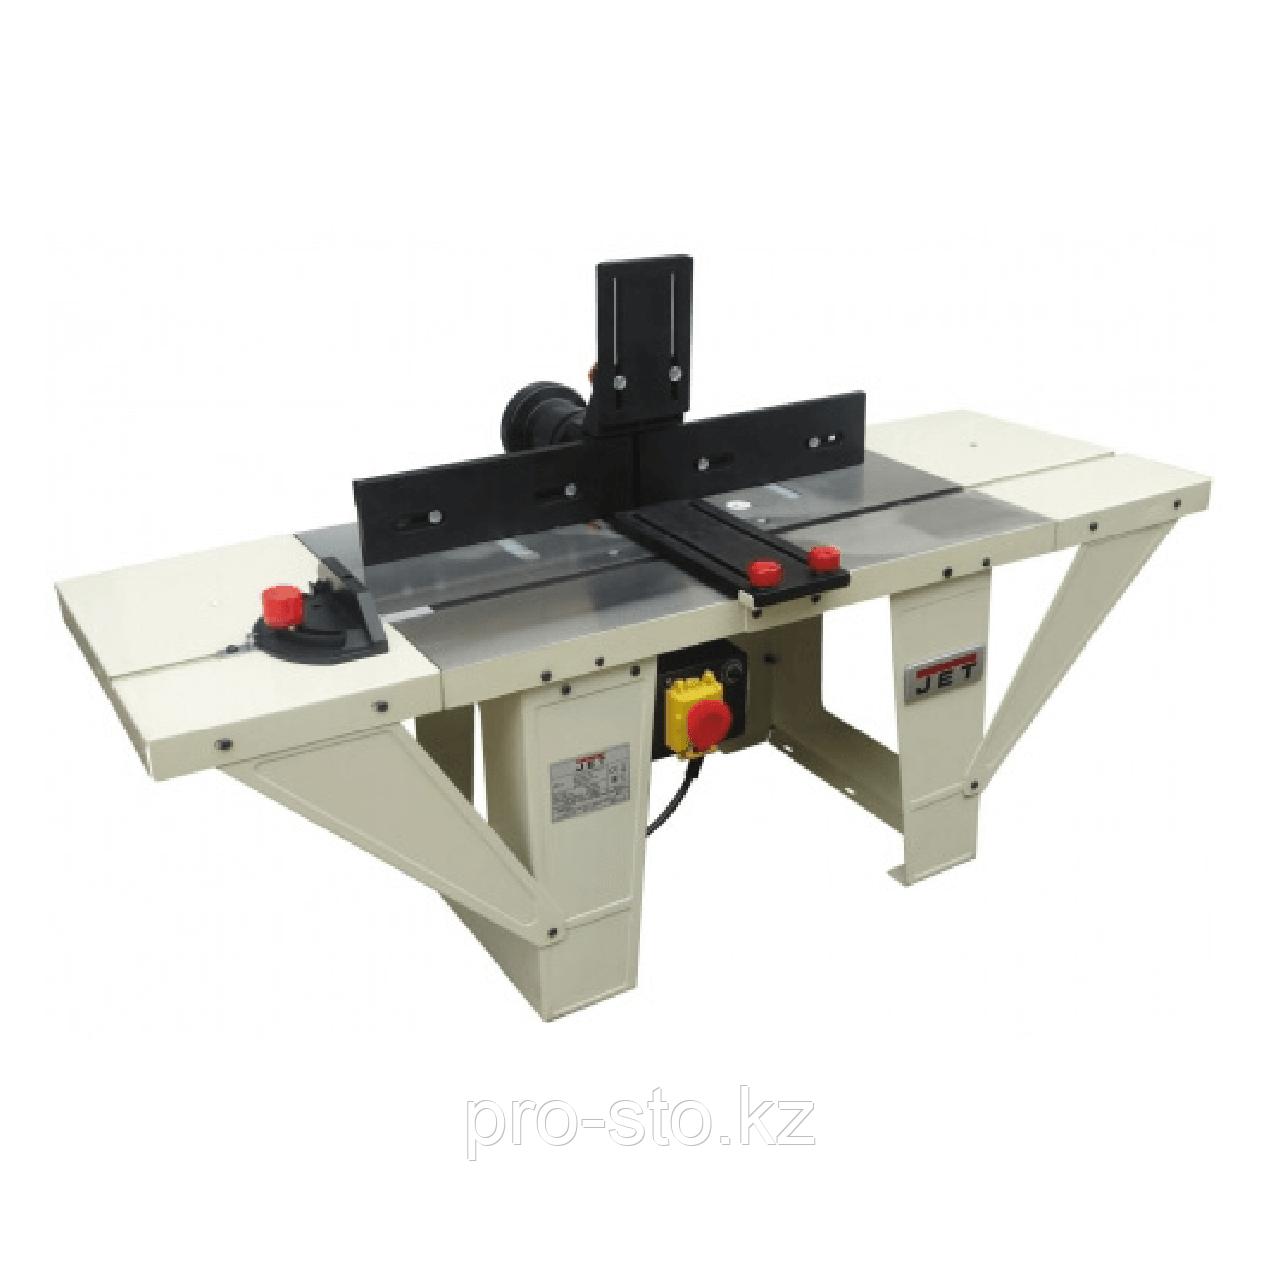 Универсальный чугунный фрезерный стол JRT-2  Артикул 10000791M